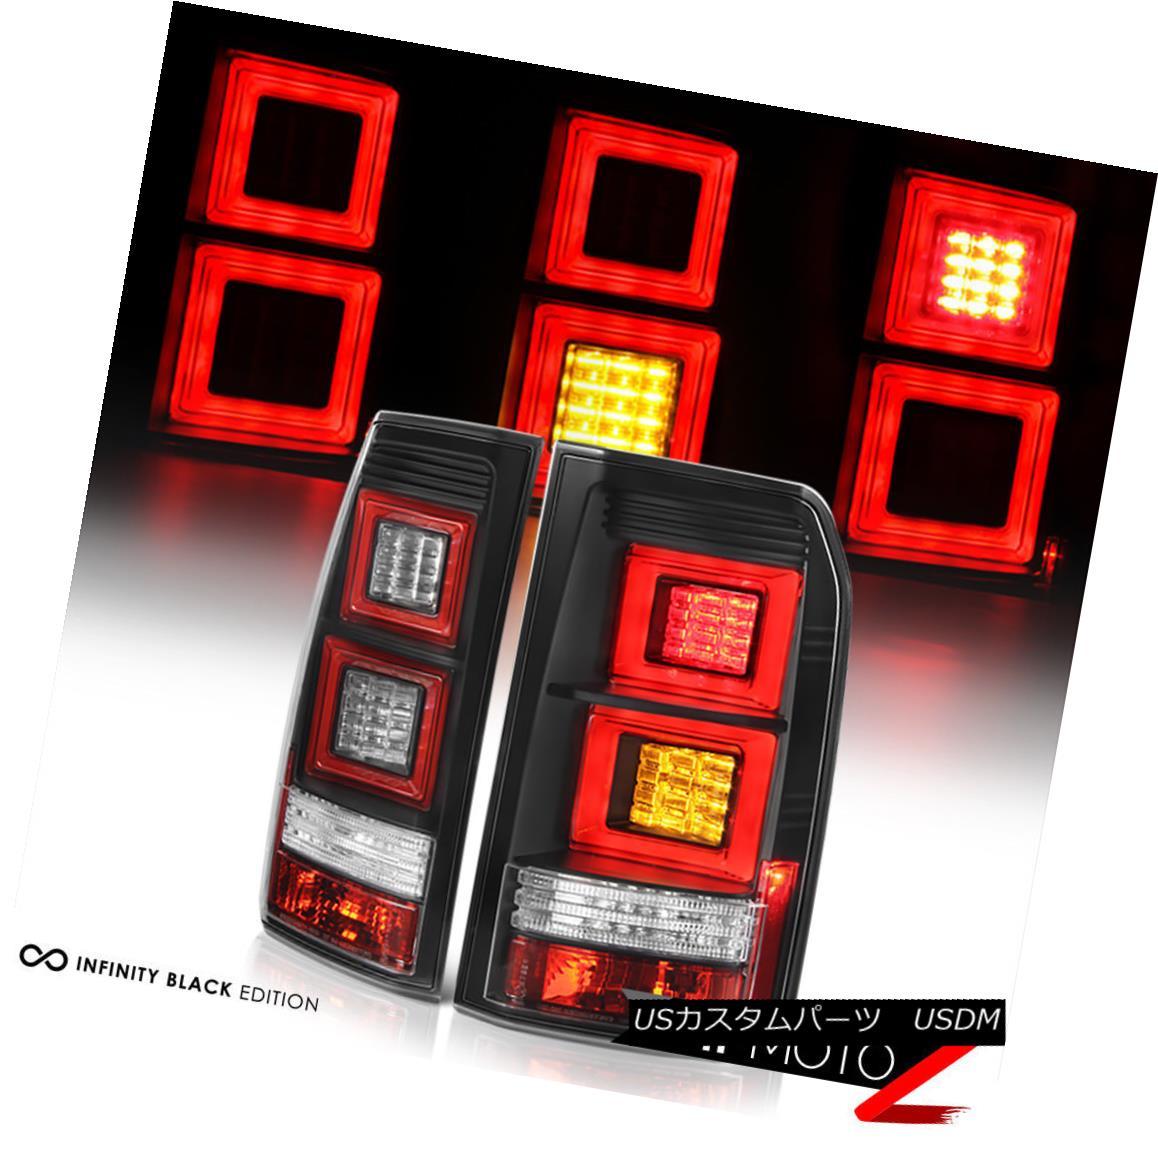 テールライト 2010-2014 Land Rover LR4 Discovery [EURO SPEC] Black LED Signal Brake Tail Light 2010-2014 Land Rover LR4ディスカバリー[EURO SPEC]ブラックLED信号ブレーキテールライト